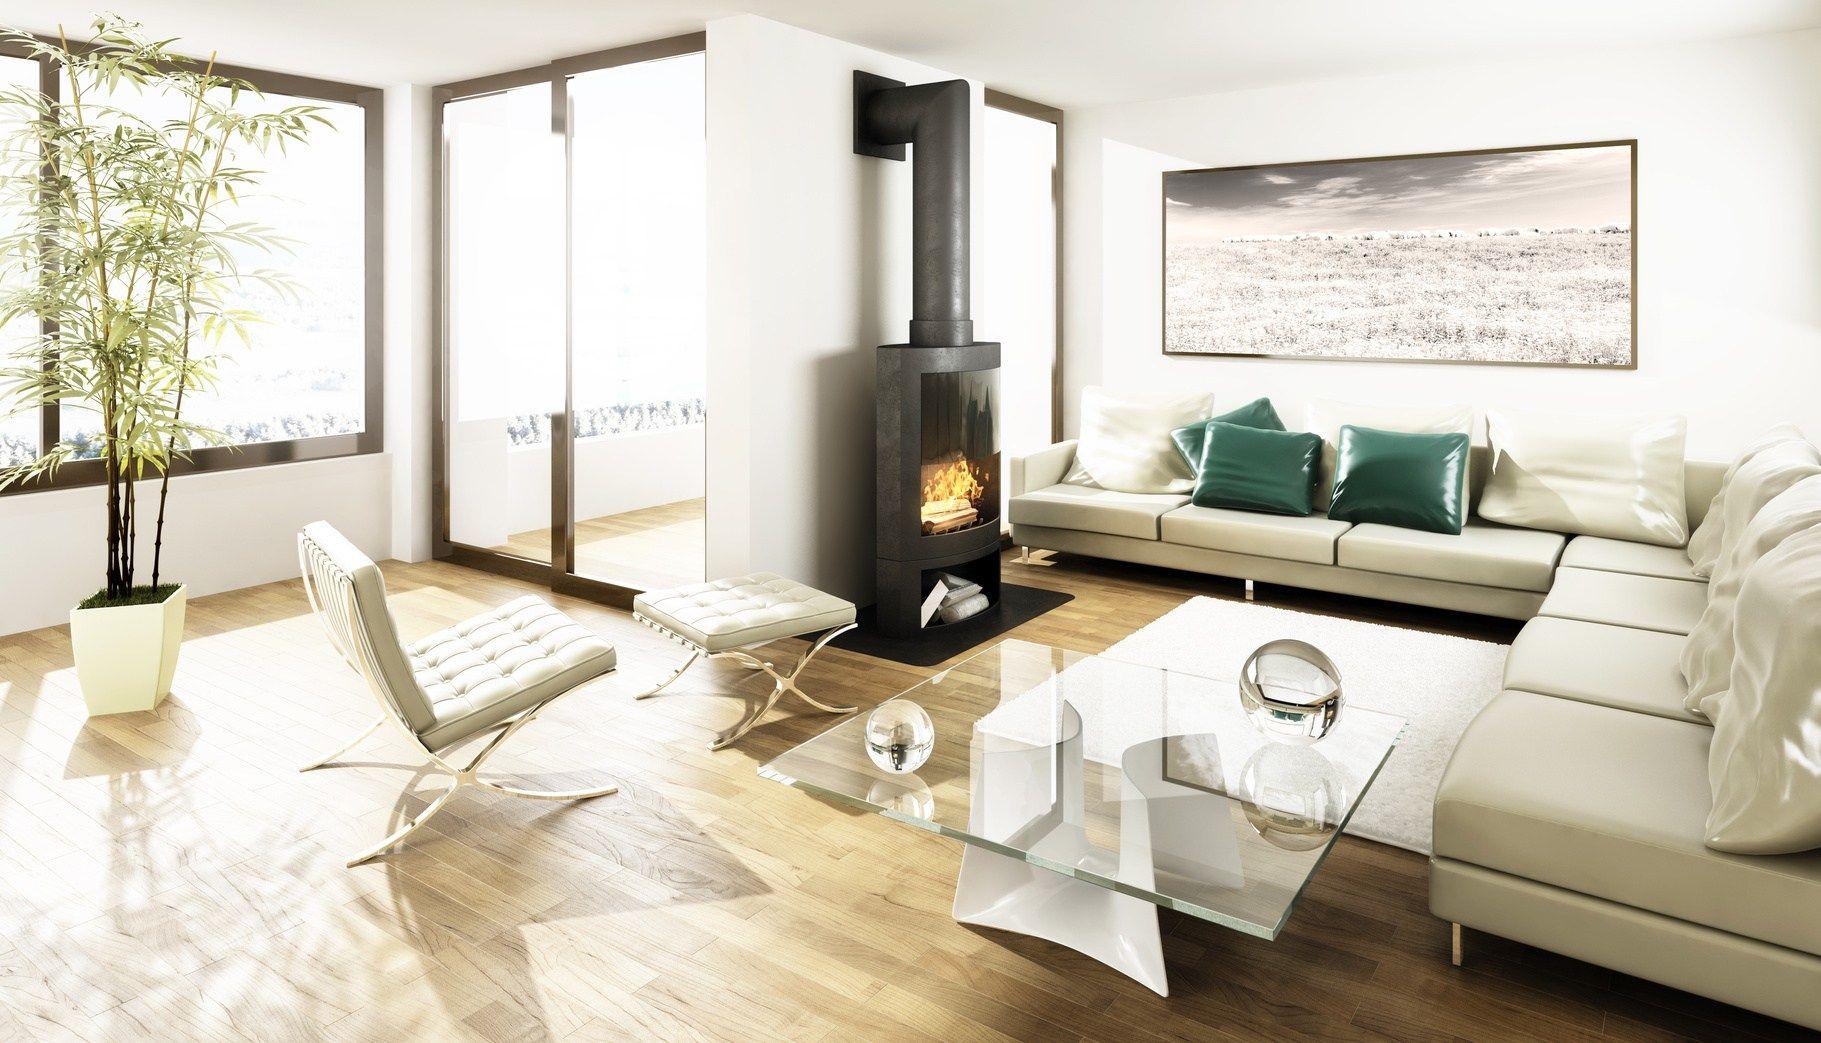 10 Nützlich Bild Von Heizung Wohnzimmer Modern  Wohnzimmer modern